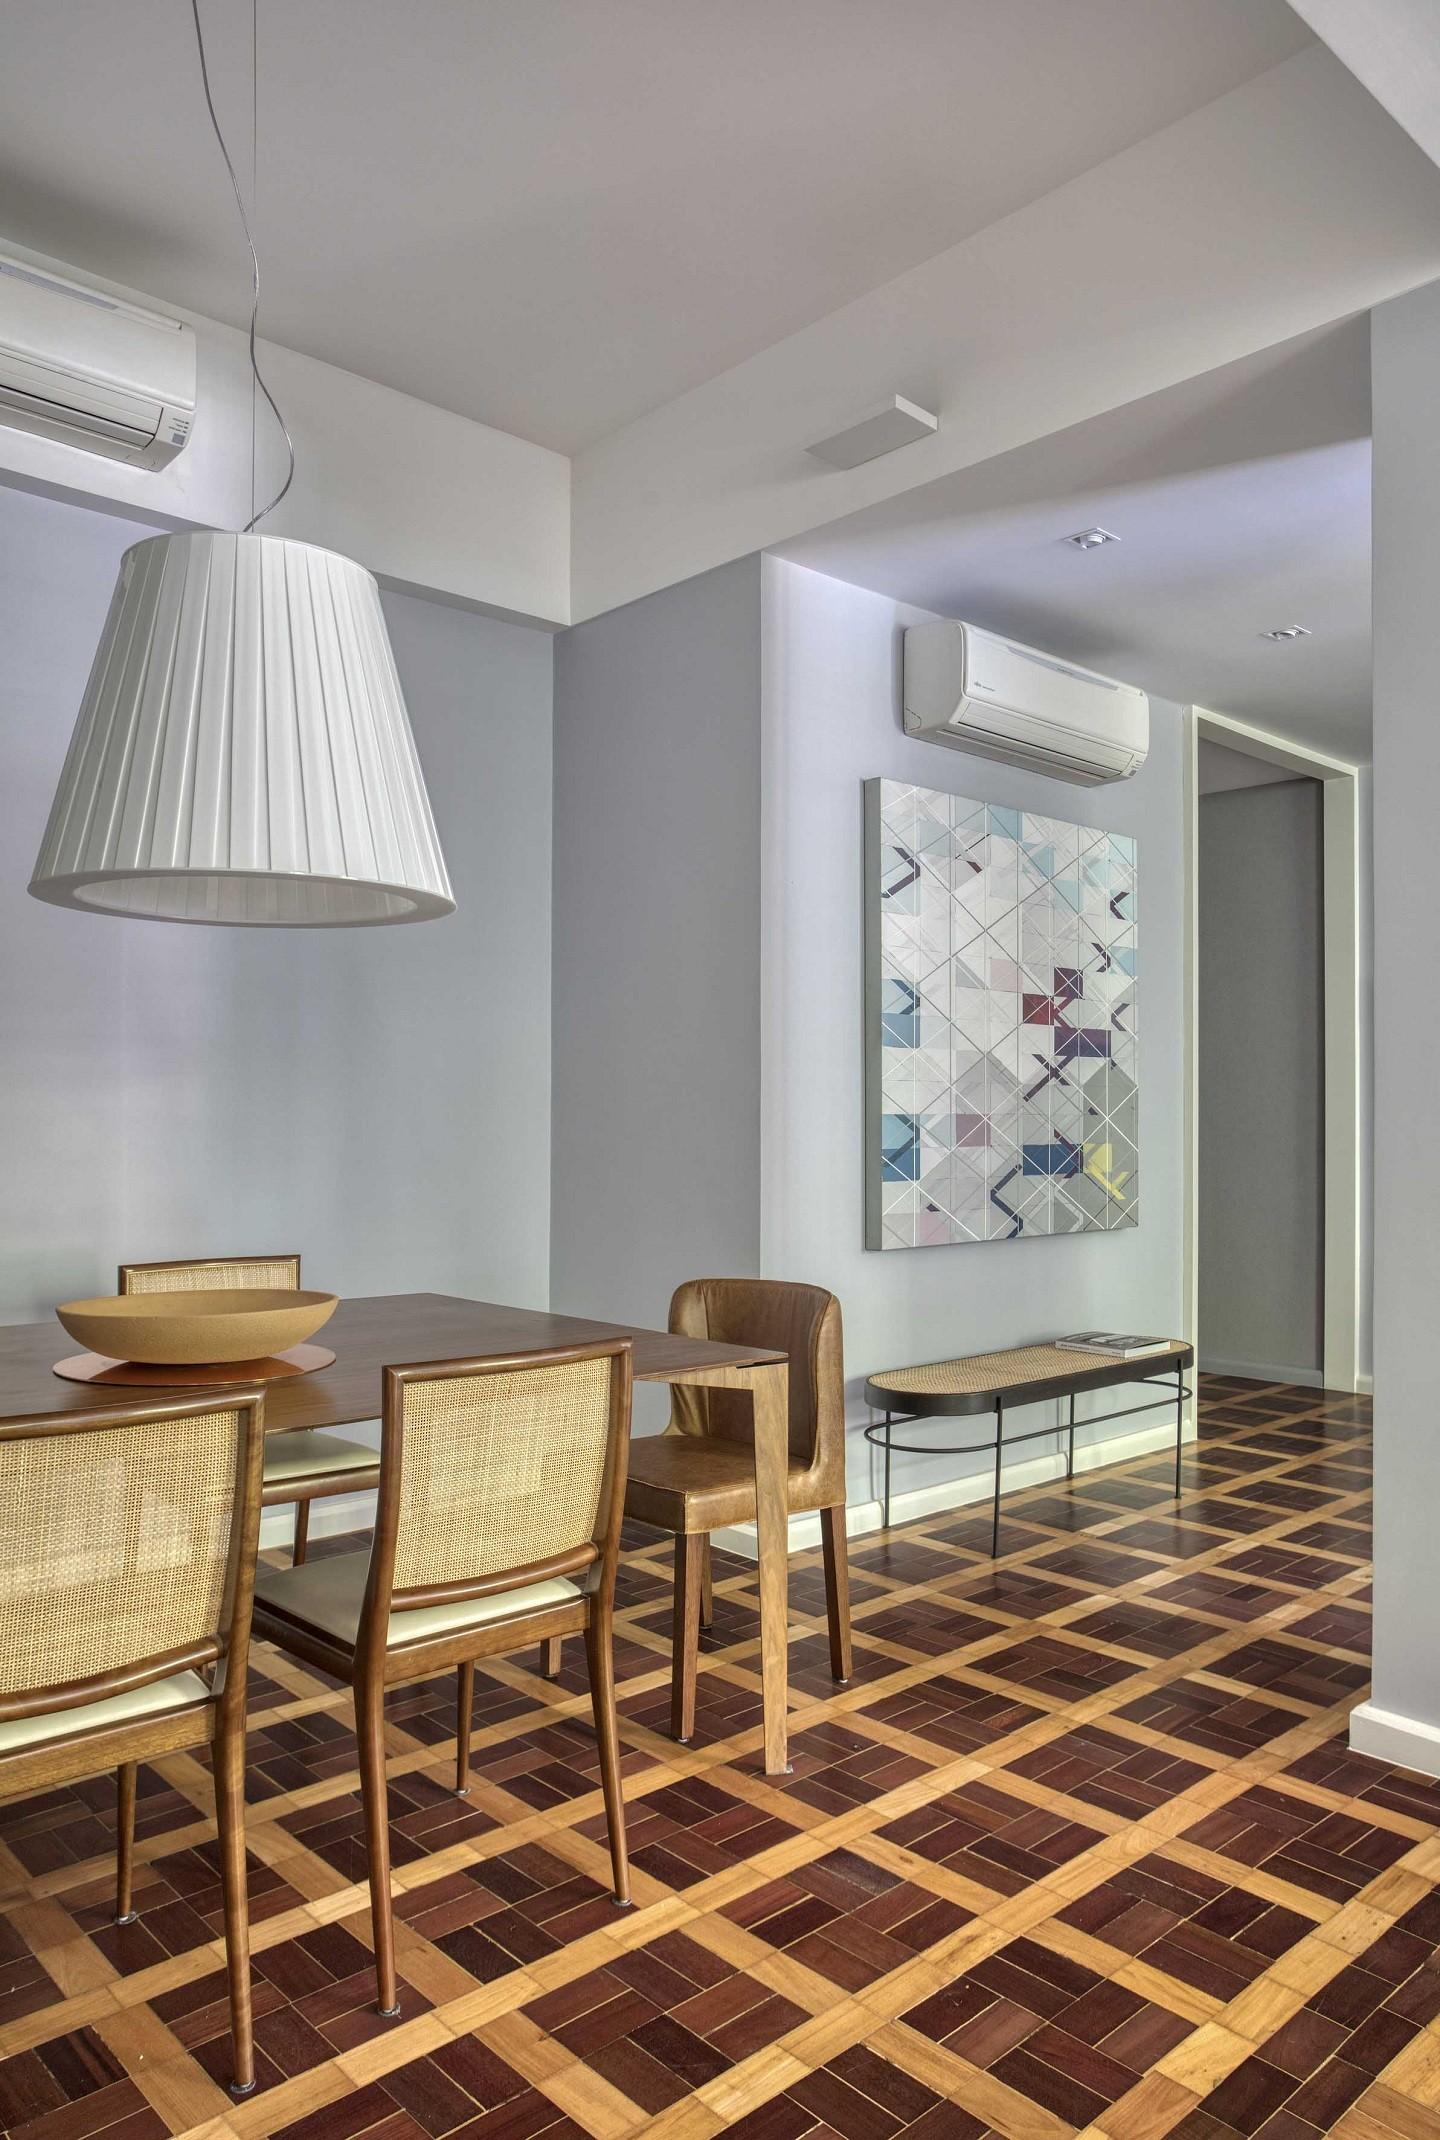 Ambiente com piso de taco, mesa e cadeiras de madeira, quadro e luminária pendente.